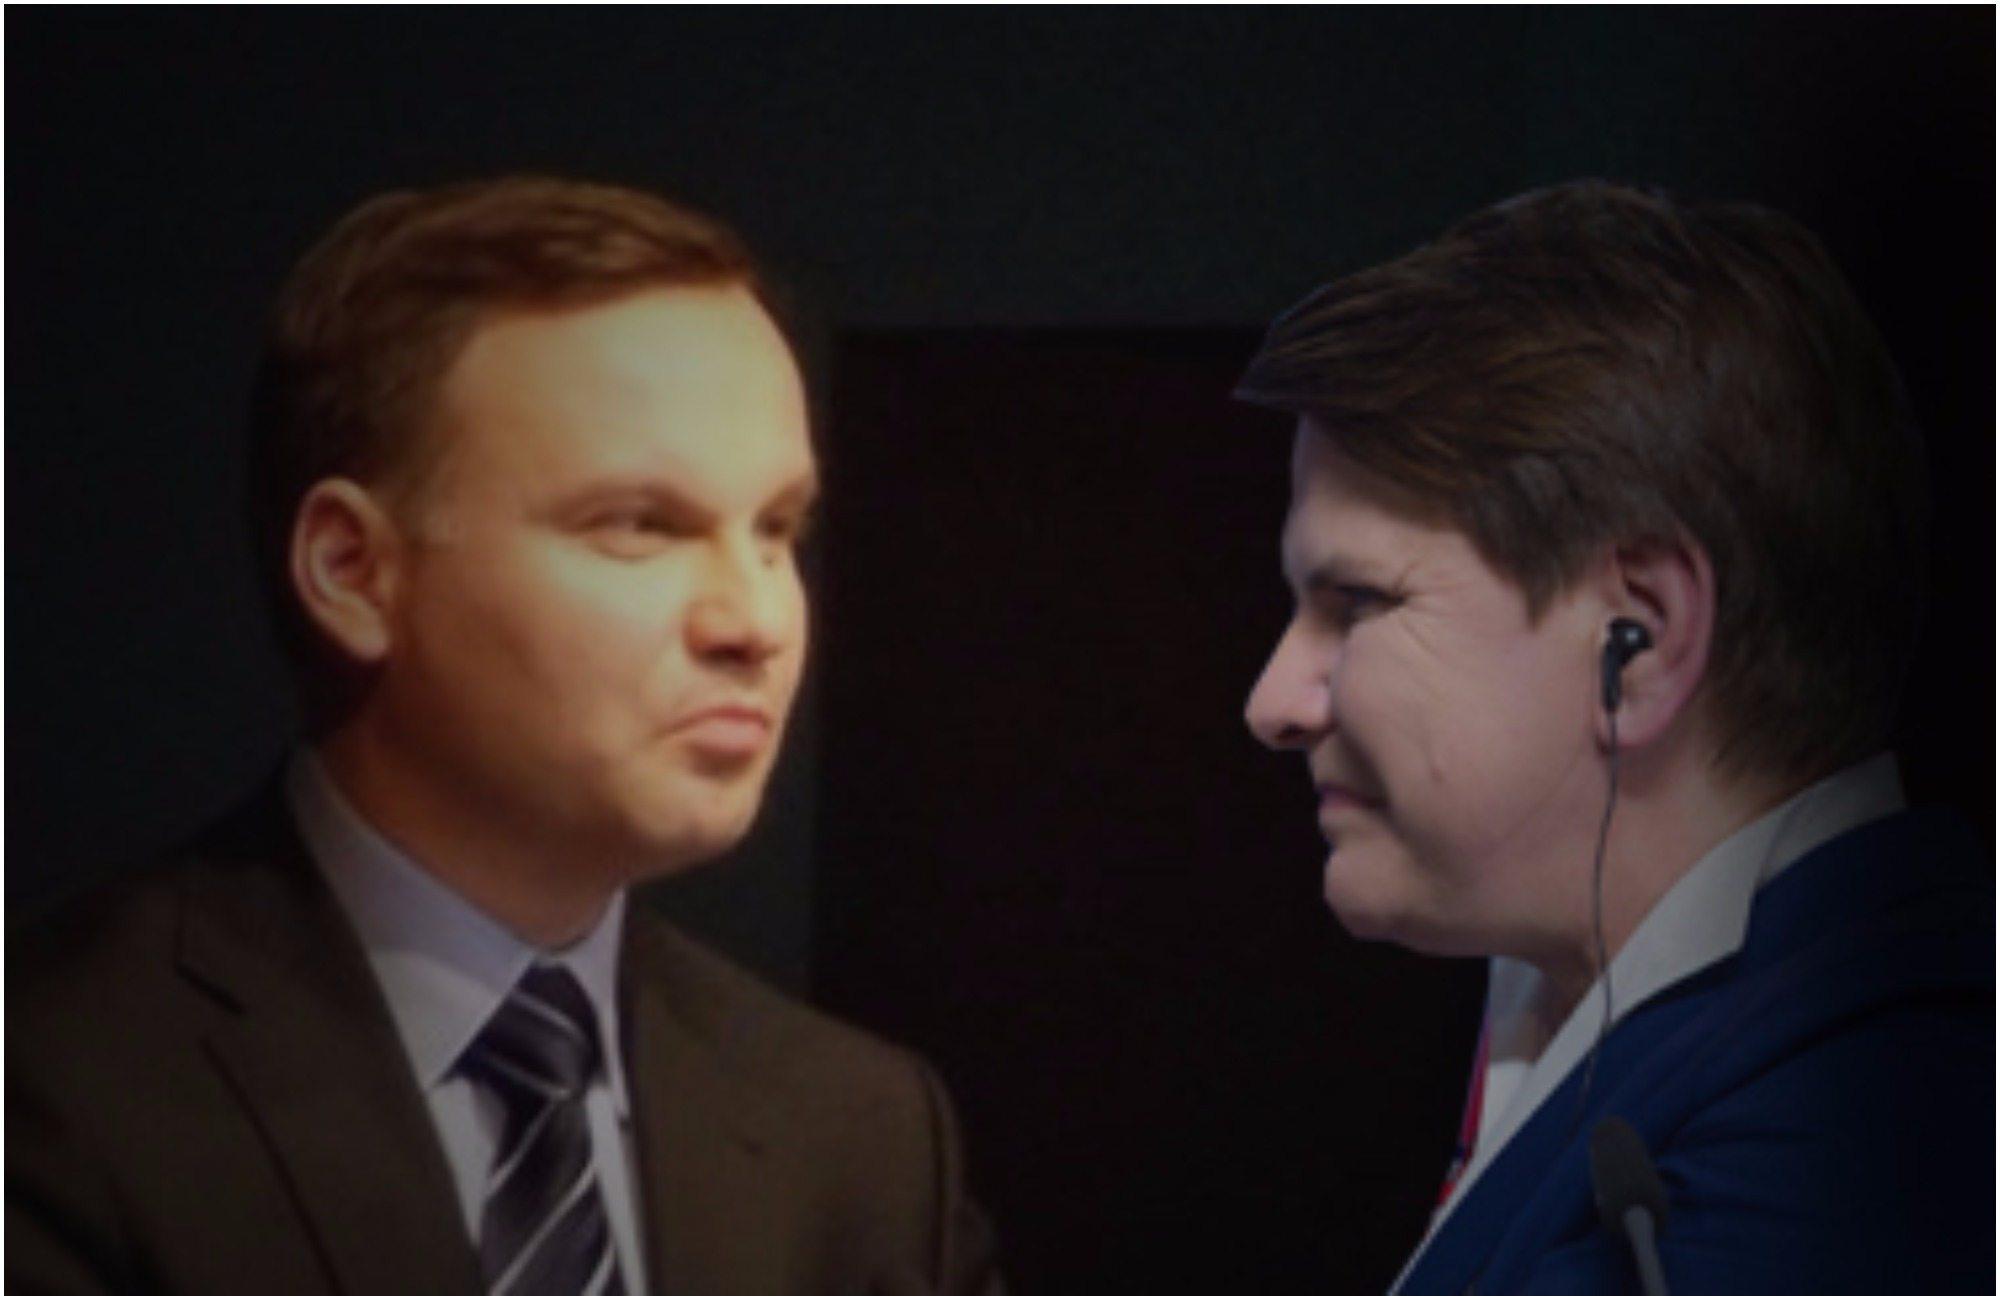 Totalne dno relacji Szydło z Dudą. Premier mocno uderzyła w prezydenta